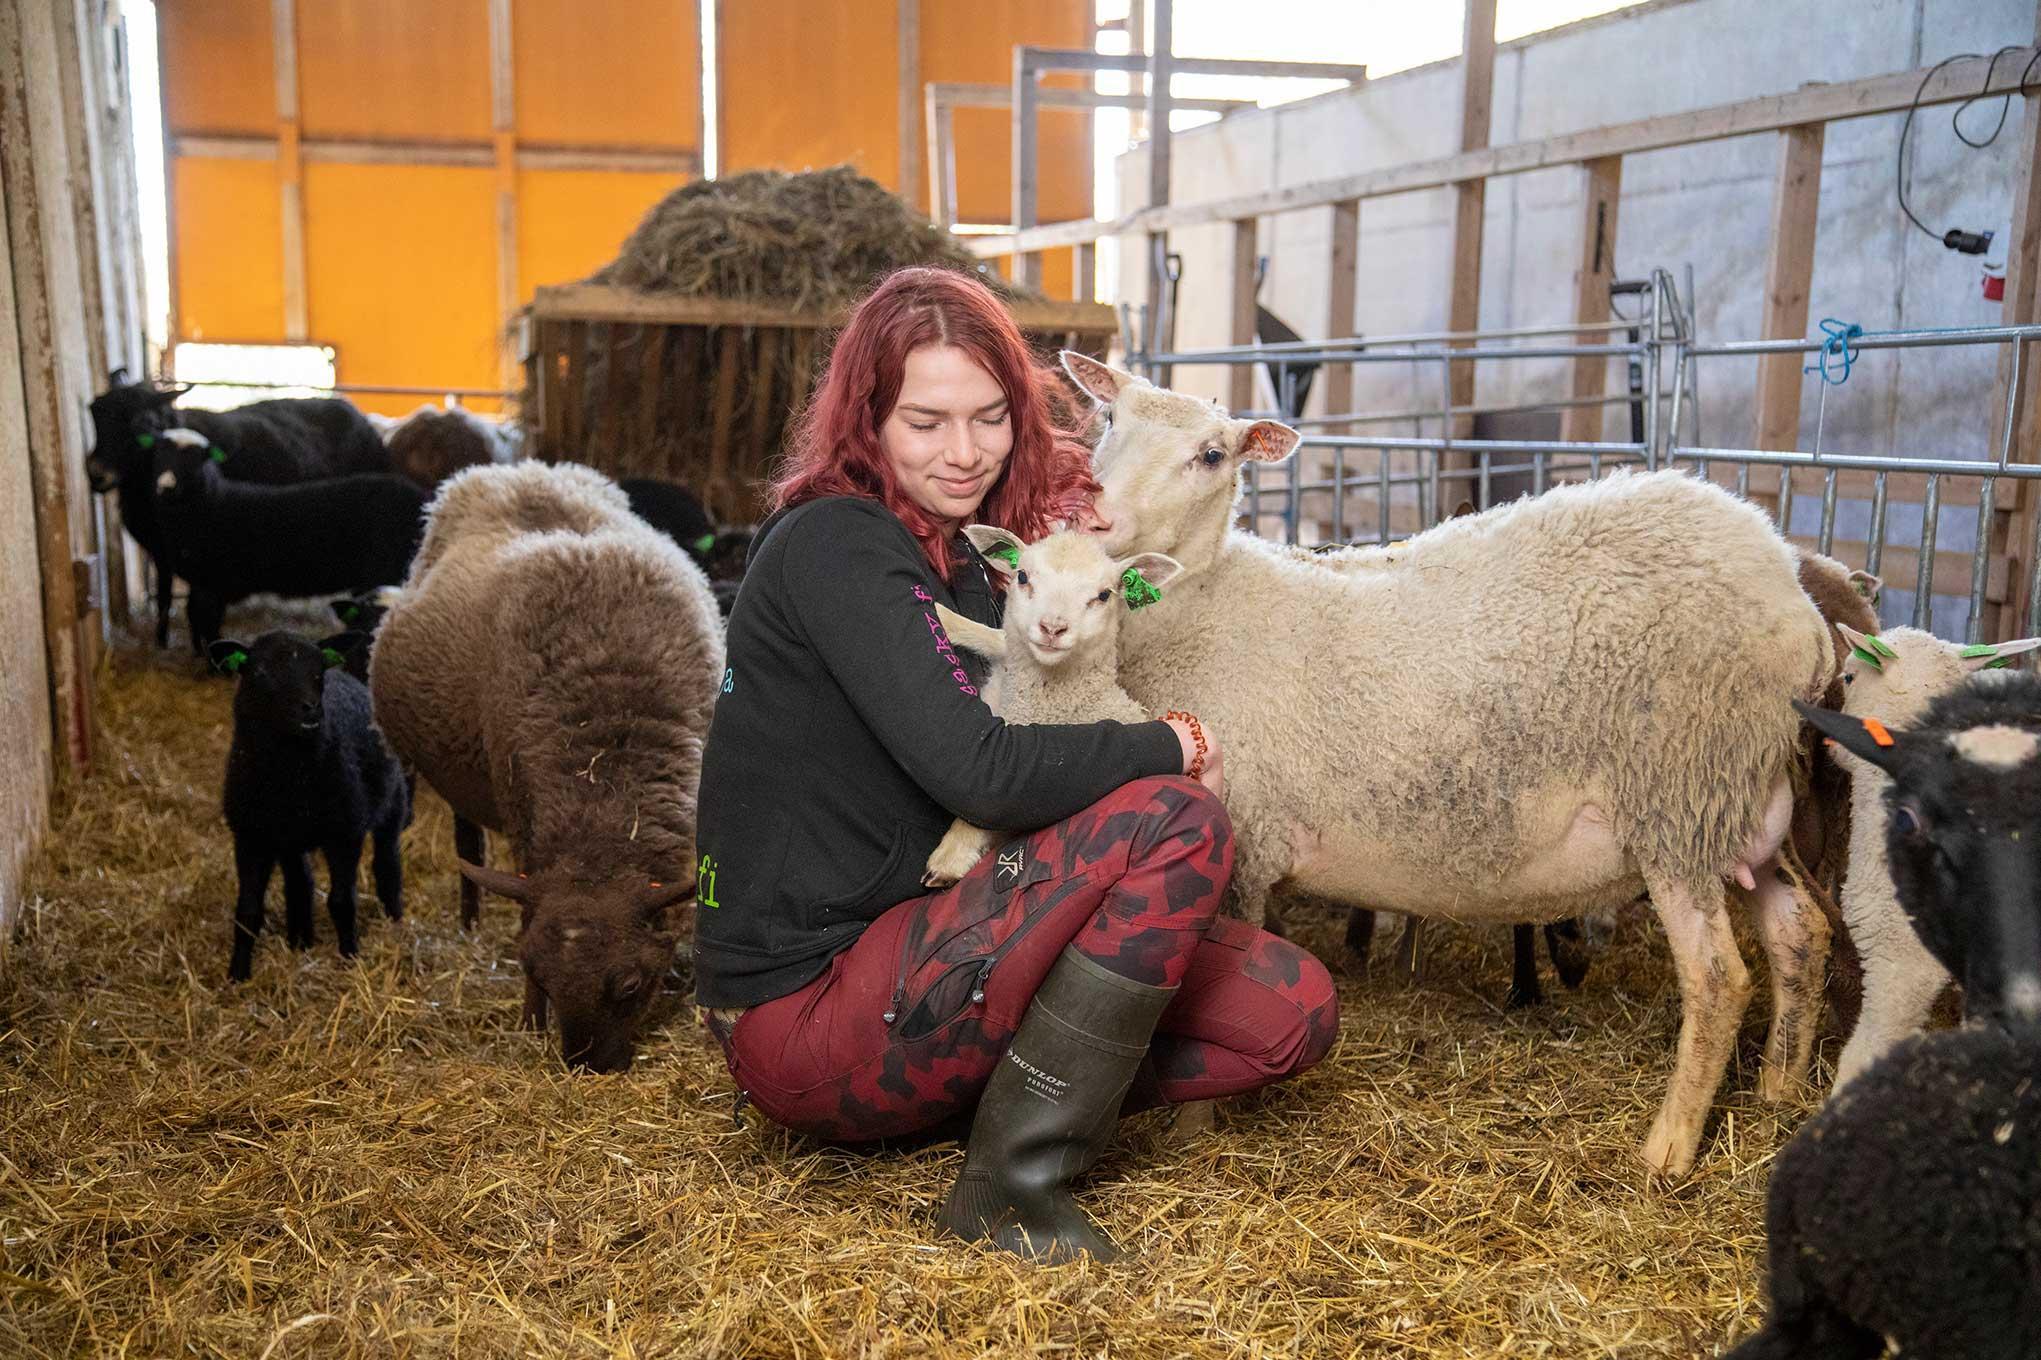 Nainen pitää sylissään karitsaa, ympärillä muita lampaita.